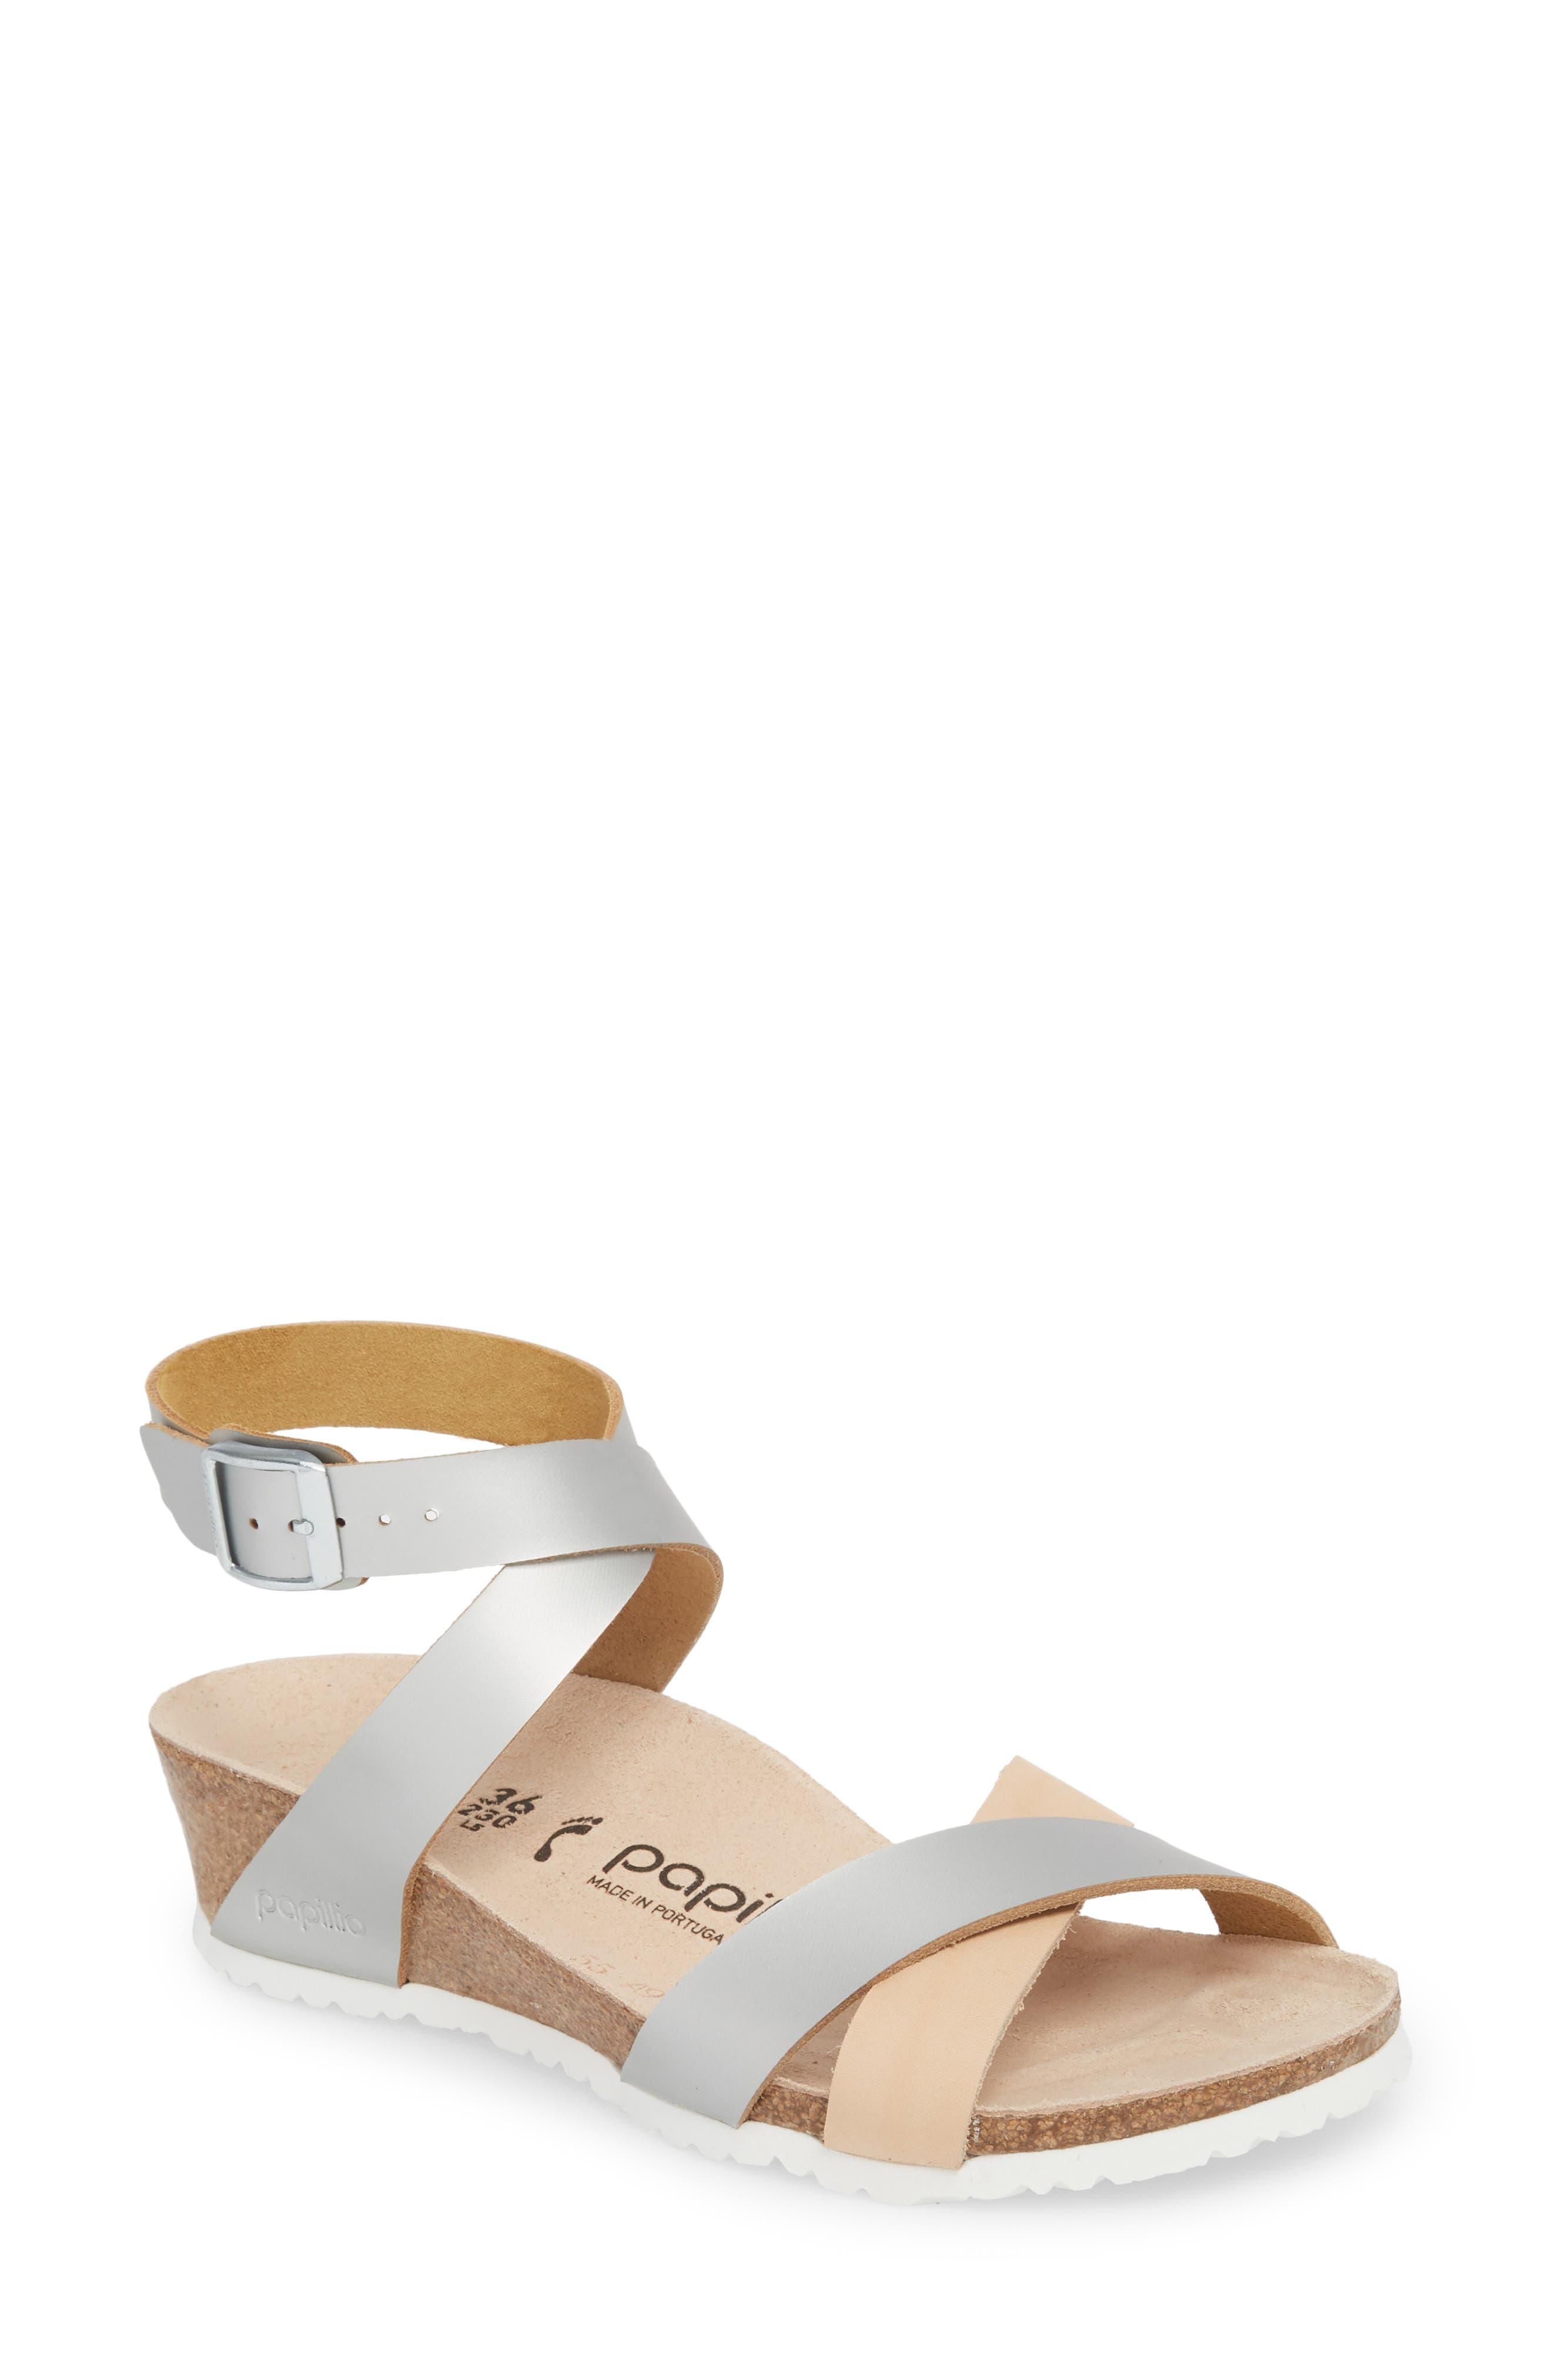 22bea4eb1004 Women s Birkenstock Sandals Wide Wedges